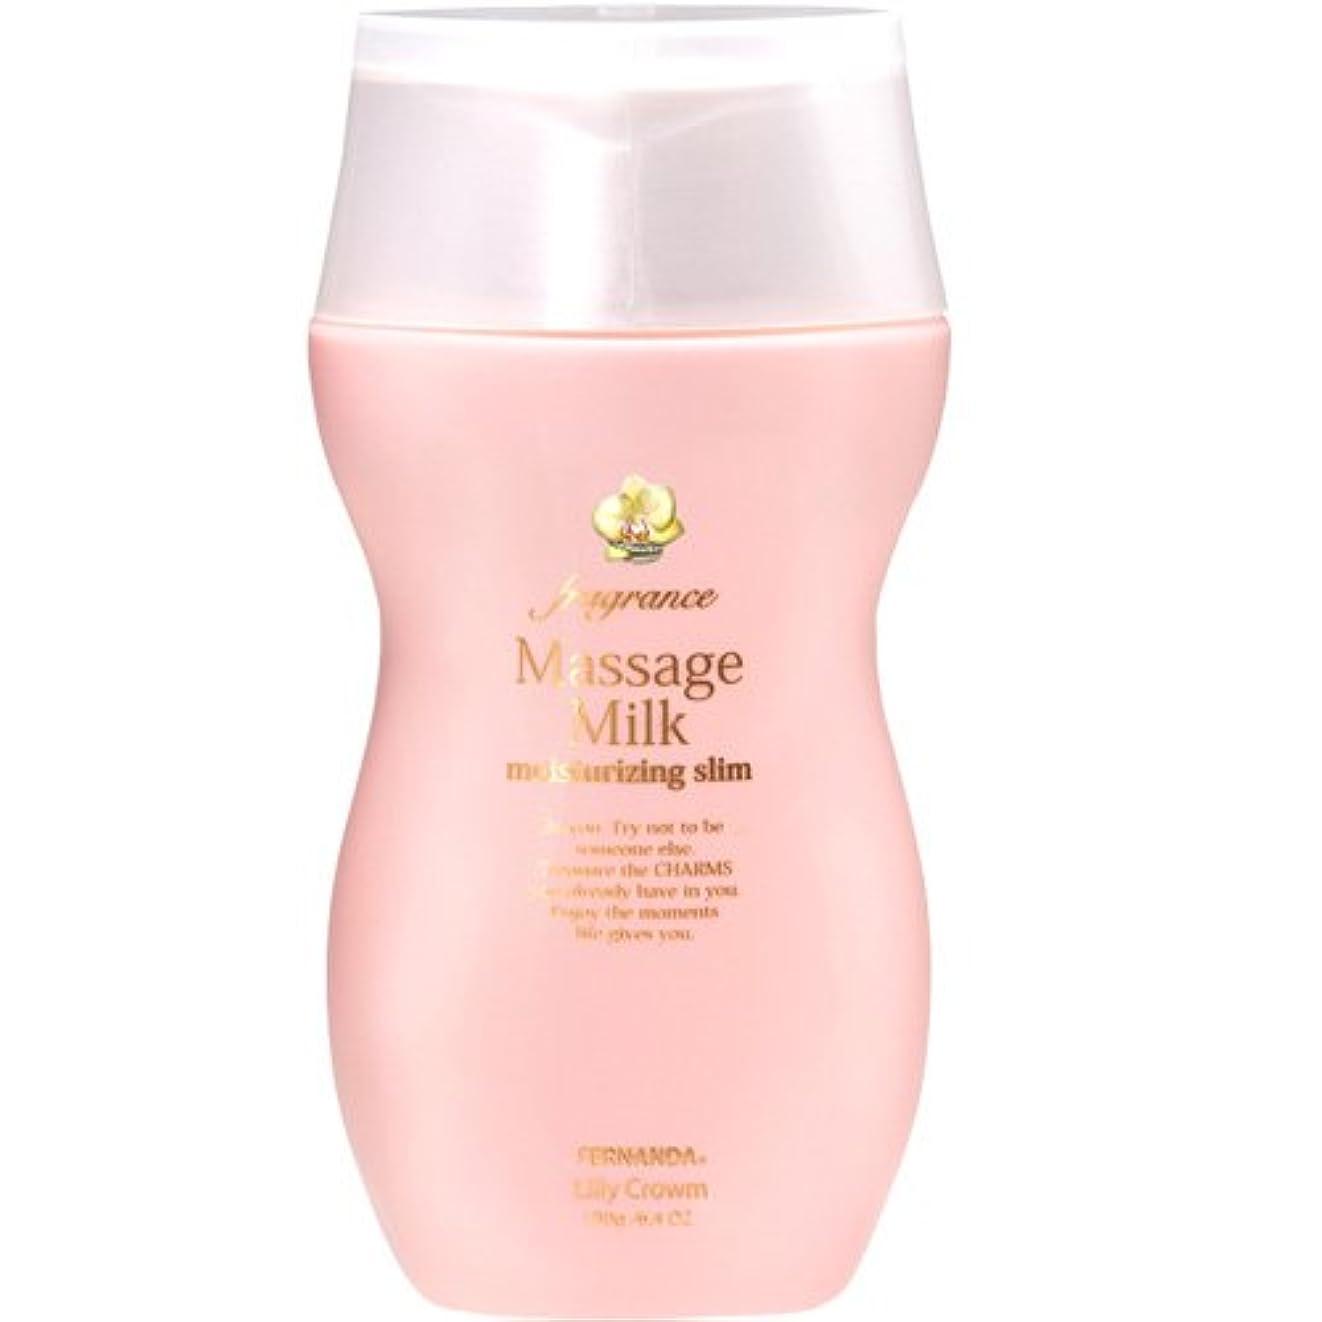 オーストラリア人慣れる冬FERNANDA(フェルナンダ) Massage Milk Lilly Crown (マッサージミルク リリークラウン)